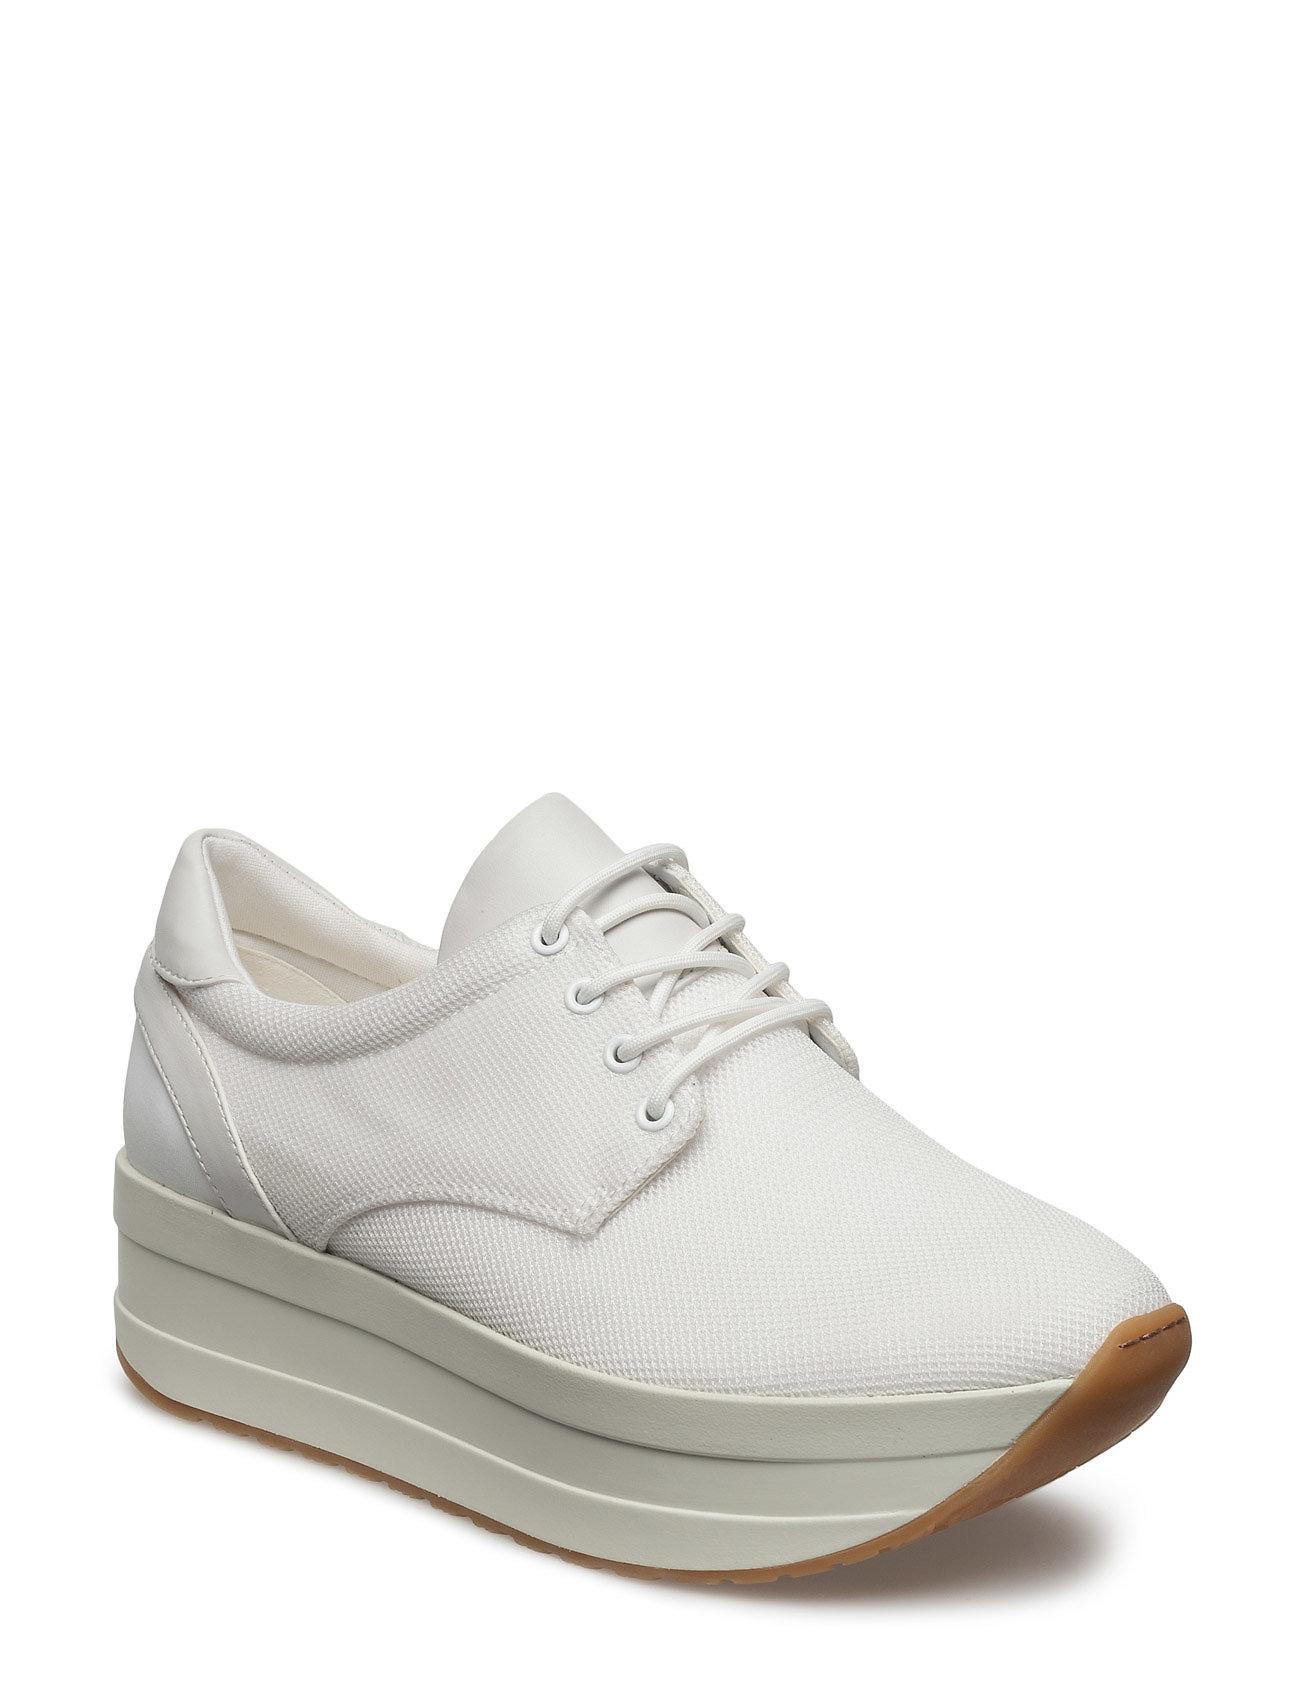 Casey VAGABOND Sneakers til Damer i hvid